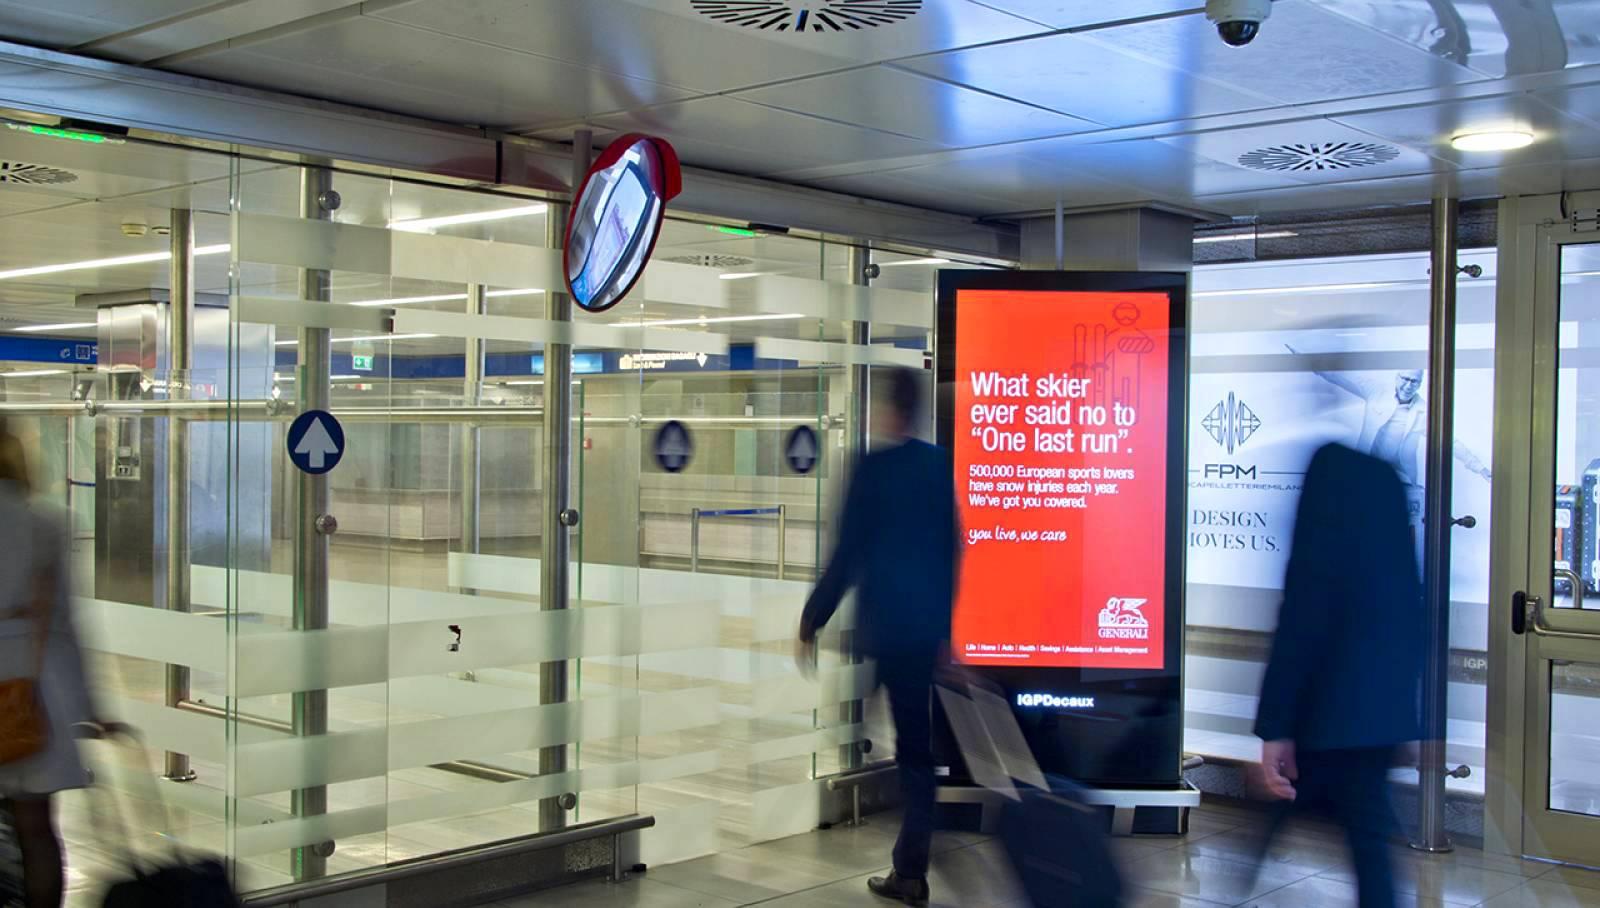 Pubblicità negli aeroporti IGPDecaux circuito digital per Generali a Linate